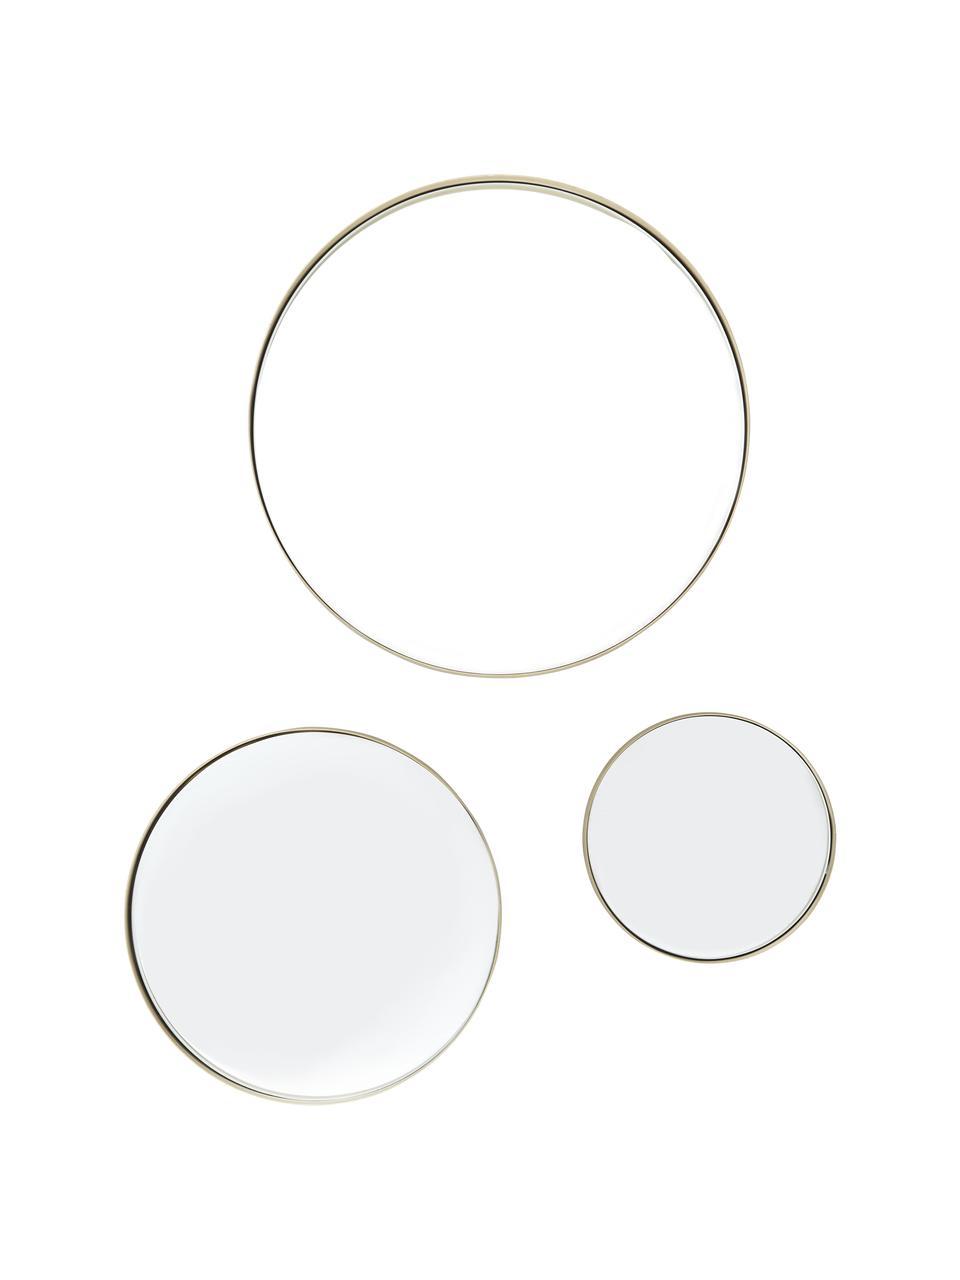 Wandspiegel-Set Ivy mit goldenem Rahmen, Rahmen: Metall, vermessingt, Spiegelfläche: Spiegelglas, Rückseite: Mitteldichte Holzfaserpla, Messing, gebürstet, Sondergrößen